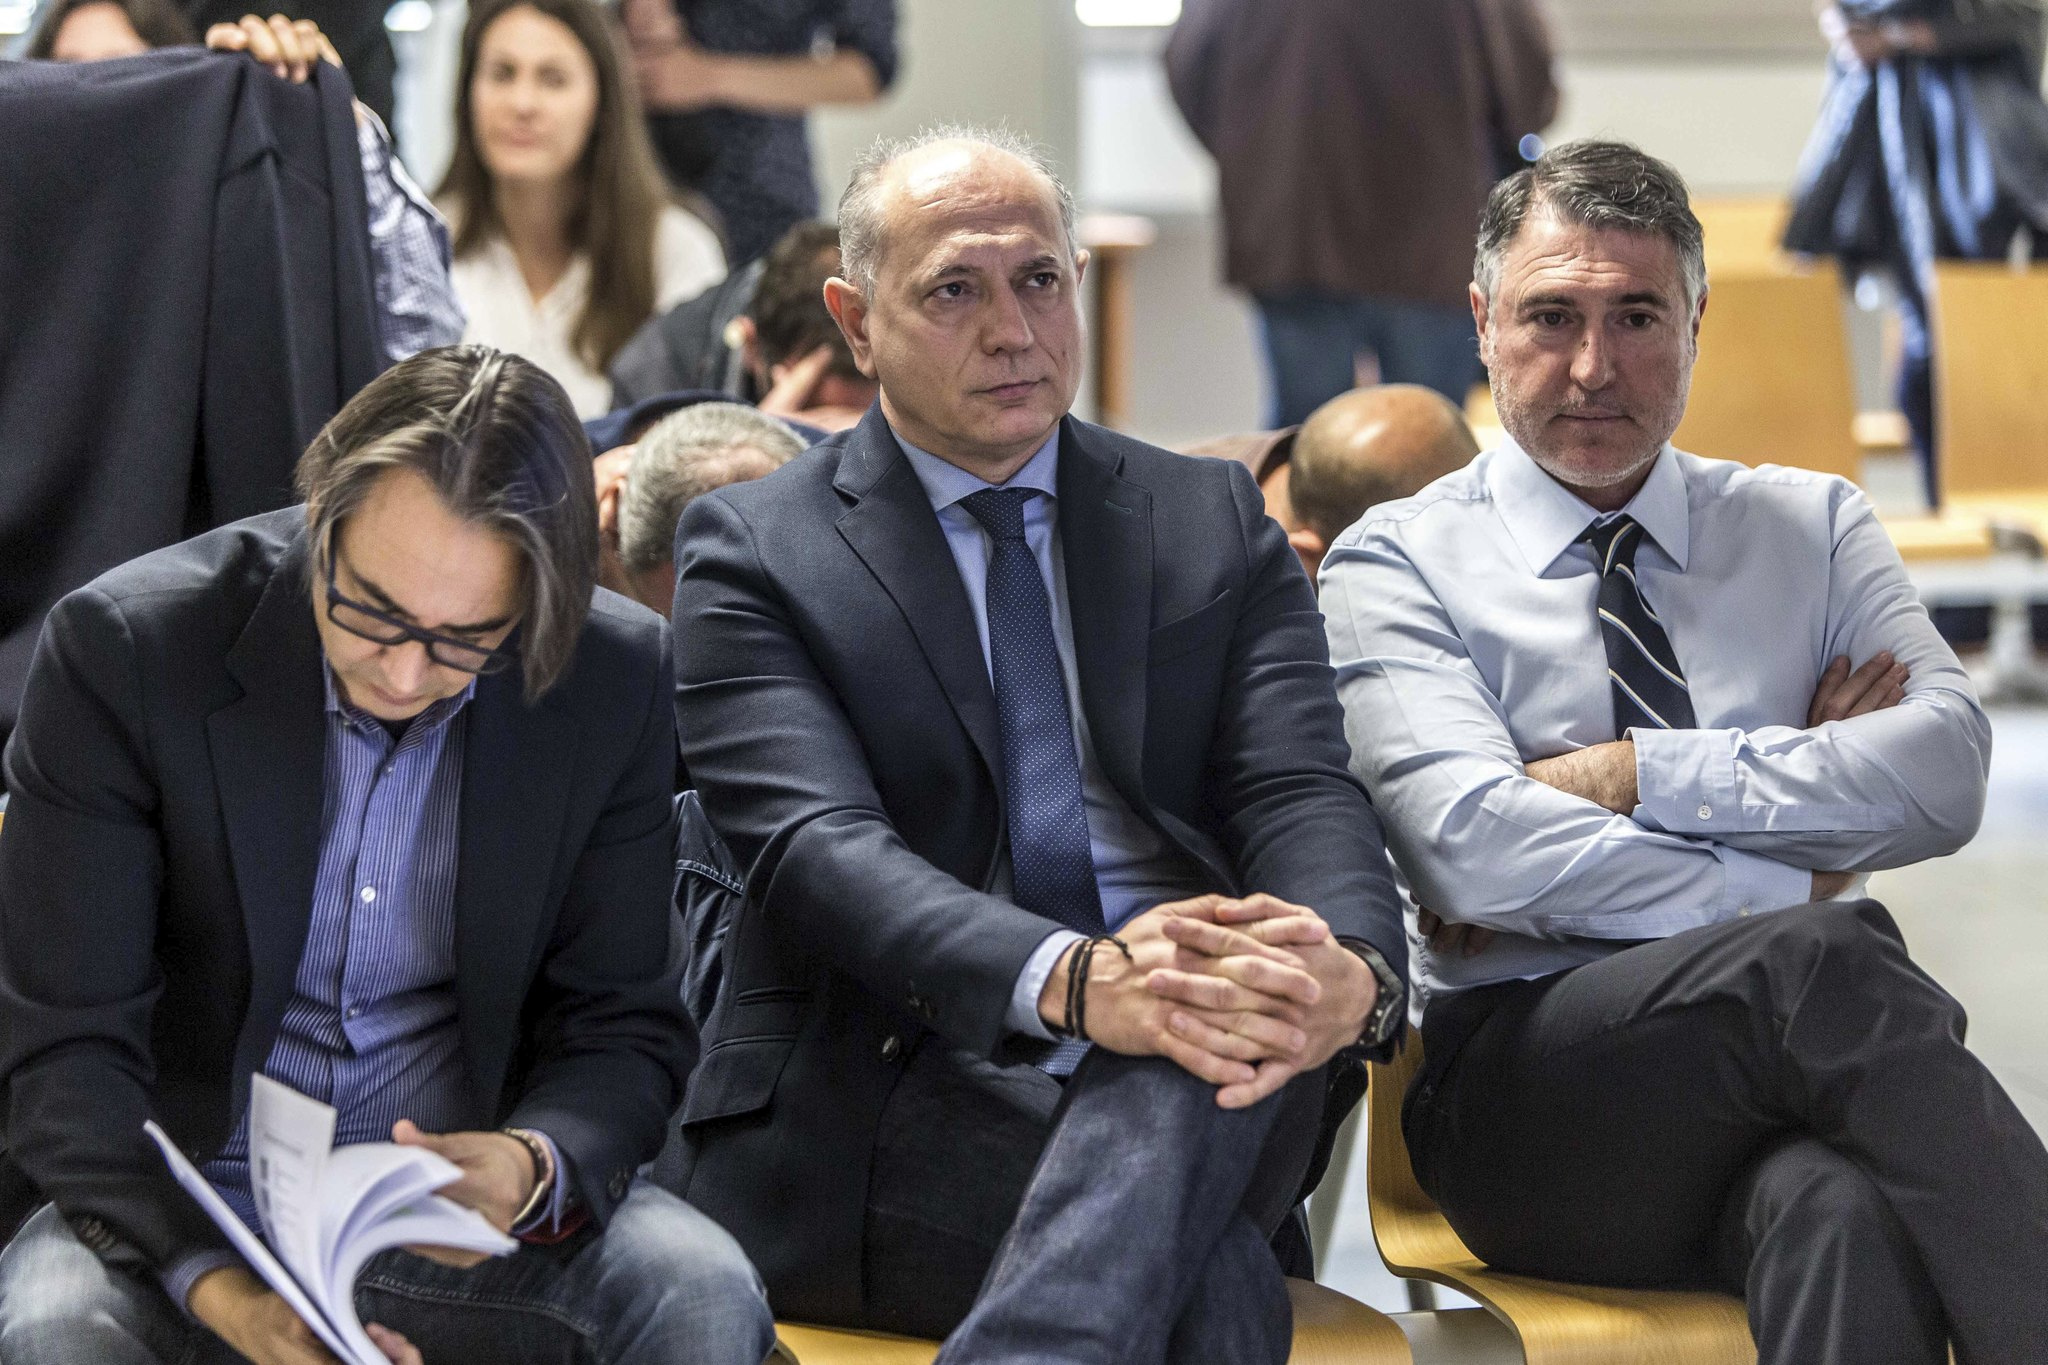 El ex presidente de Emarsa y ex vicepresidente de la Diputación de Valencia, Enrique Crespo, en el banquillo.